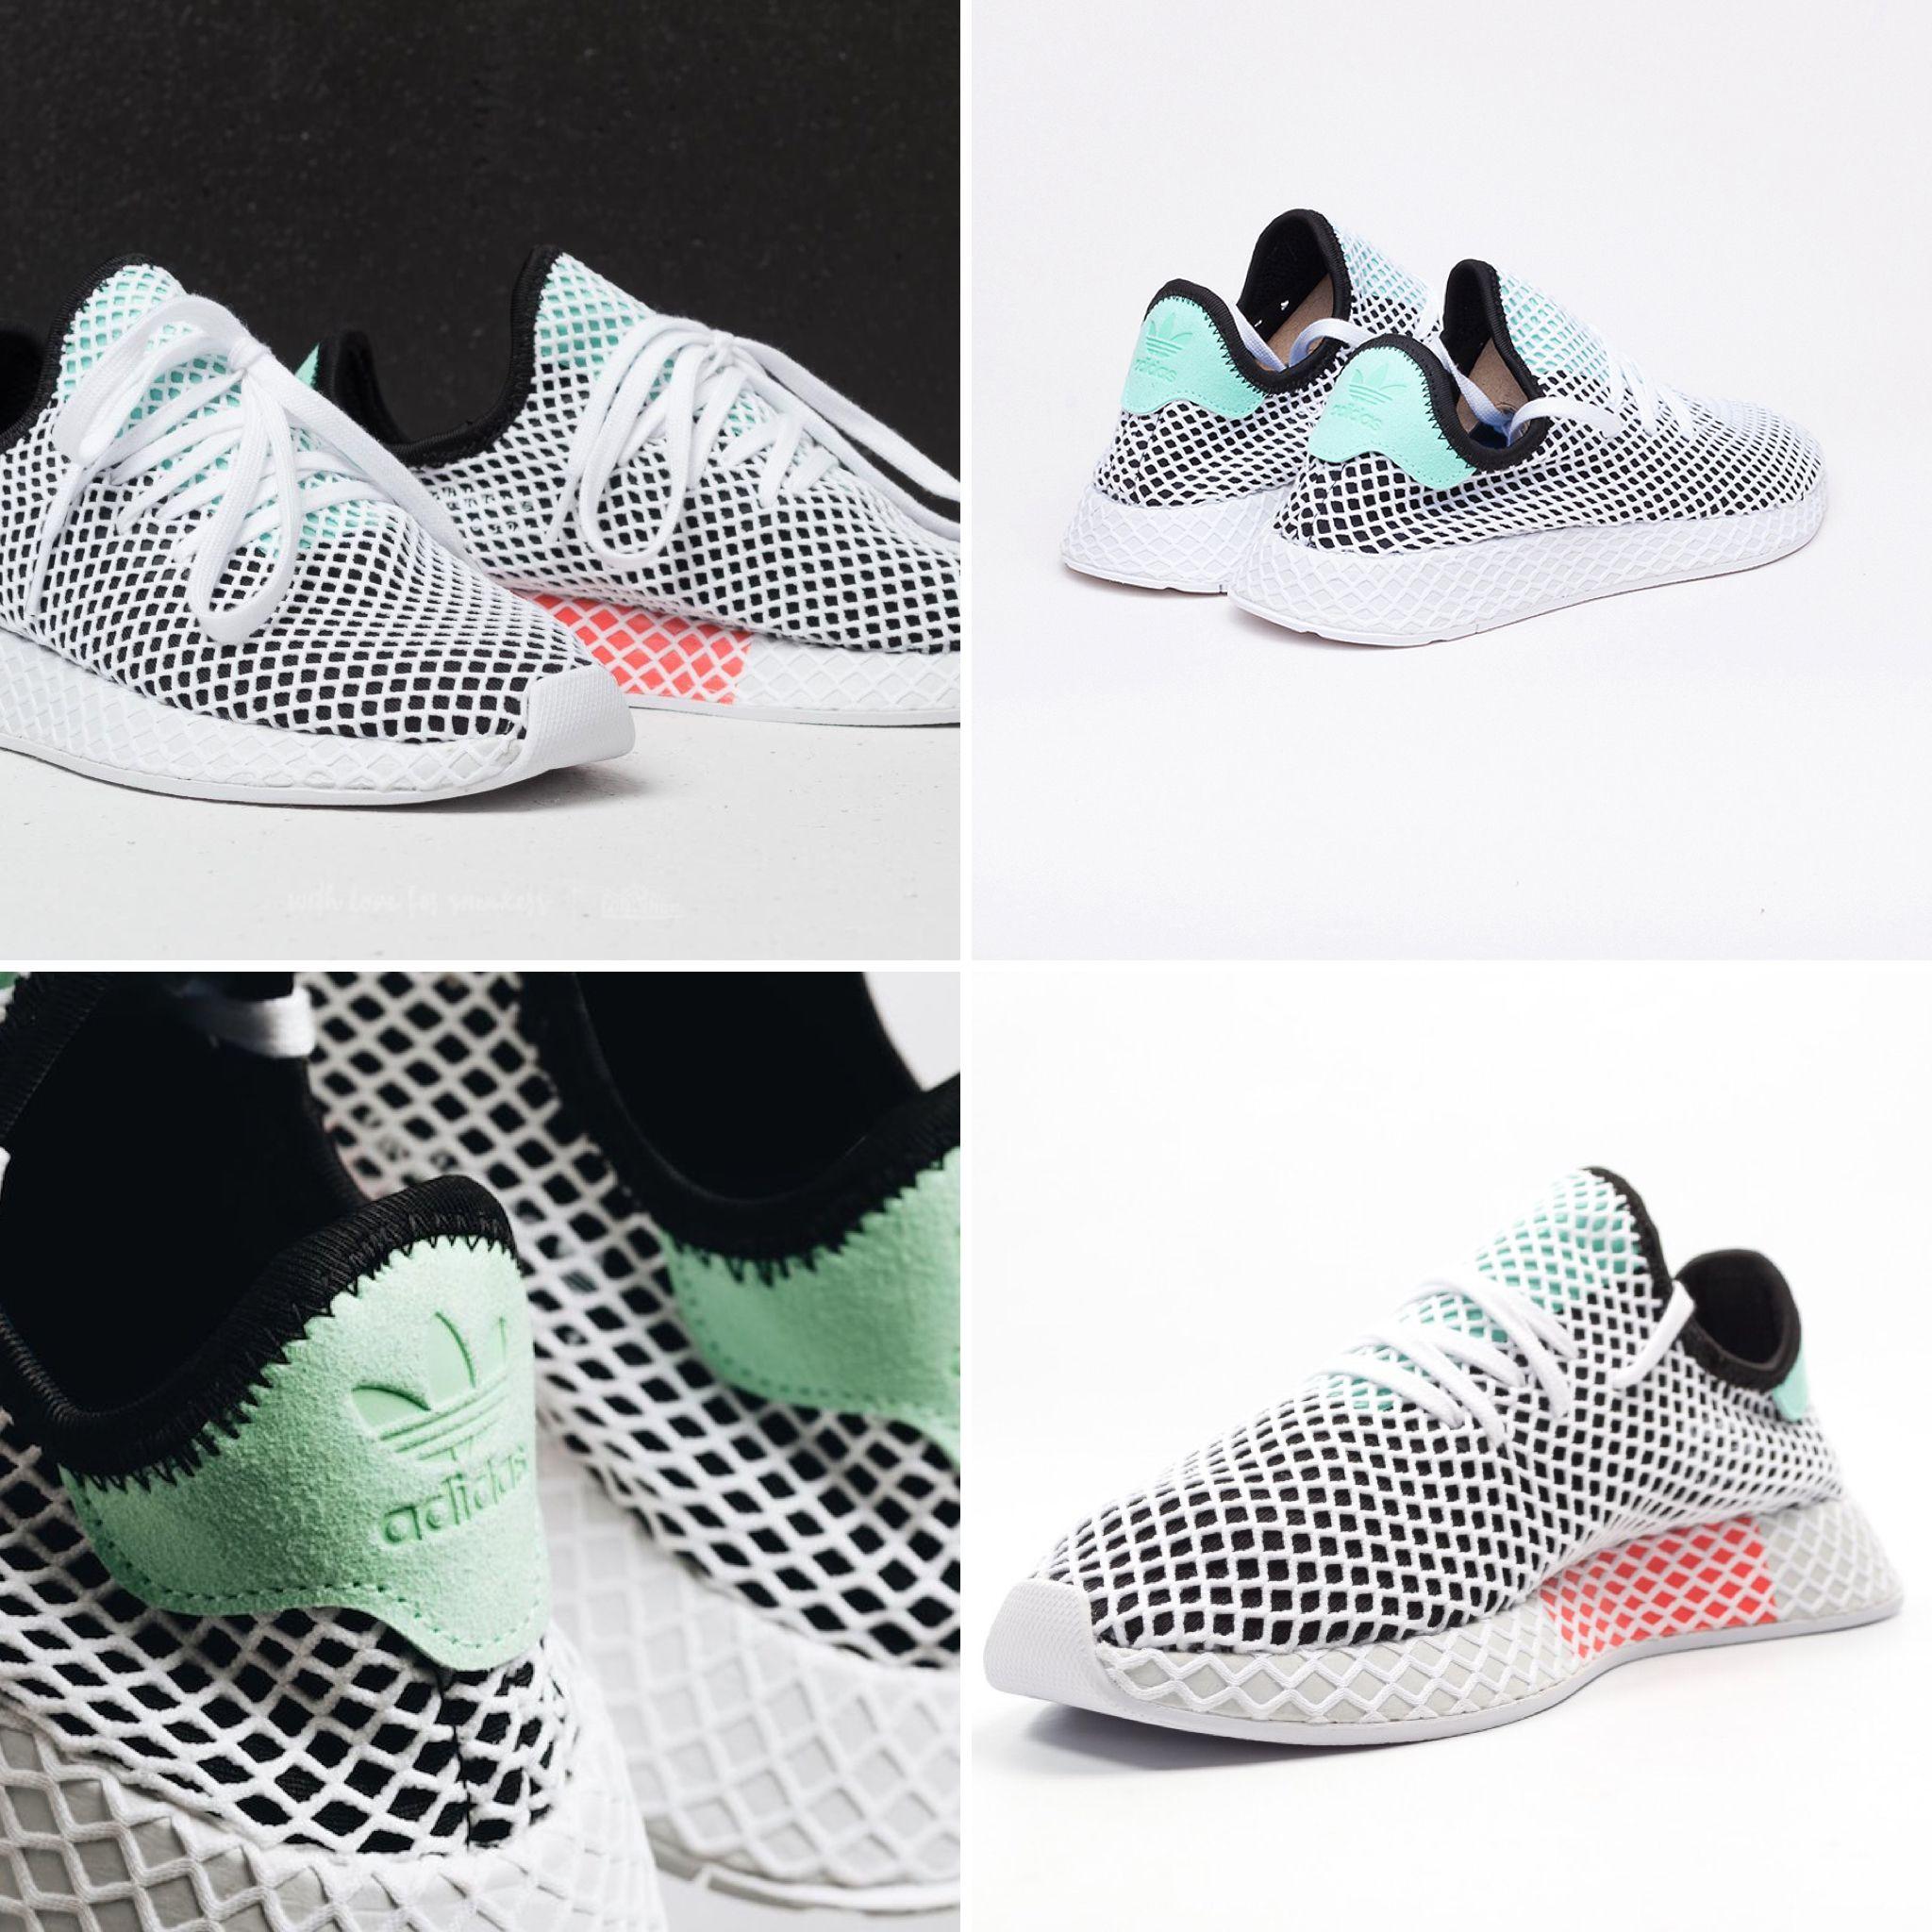 Adidas Deerapt